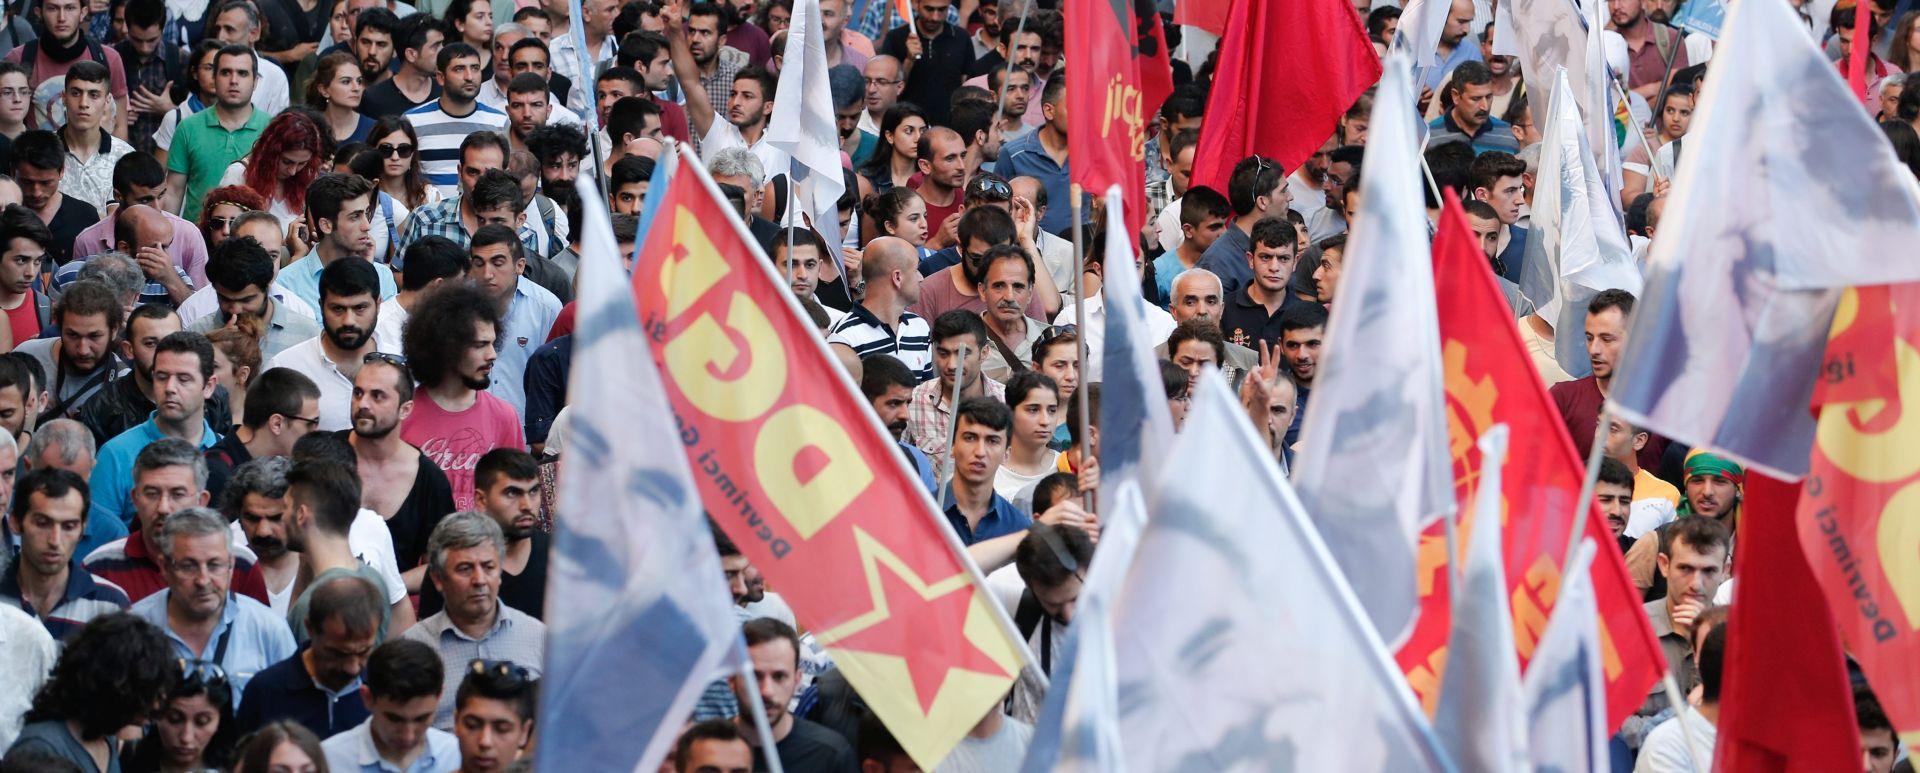 NAKON BOMBAŠKOG NAPADA: Policija u Istanbulu rastjerala stotine prosvjednika